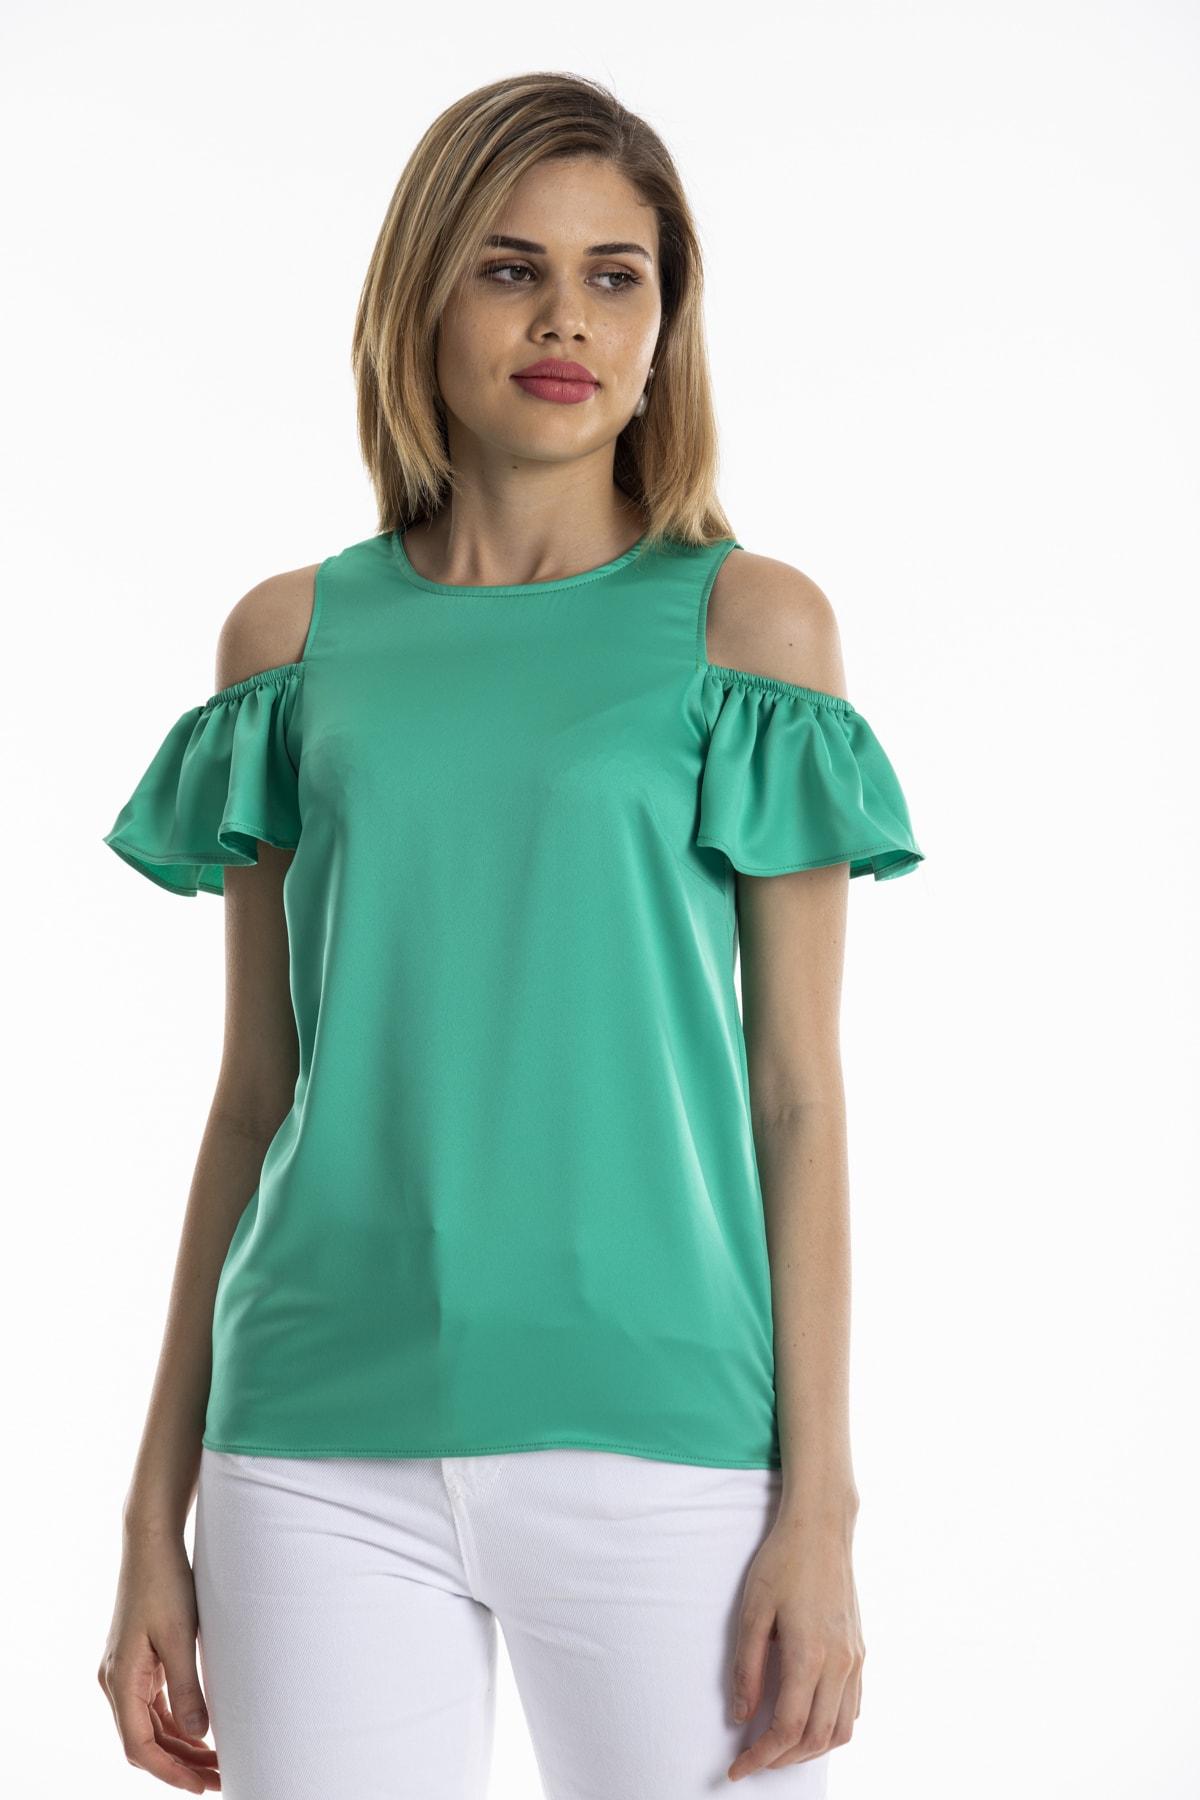 dm street style Kadın Yeşil Ipek Saten Omuzu Açık Kolu Lastikli Bluz 2